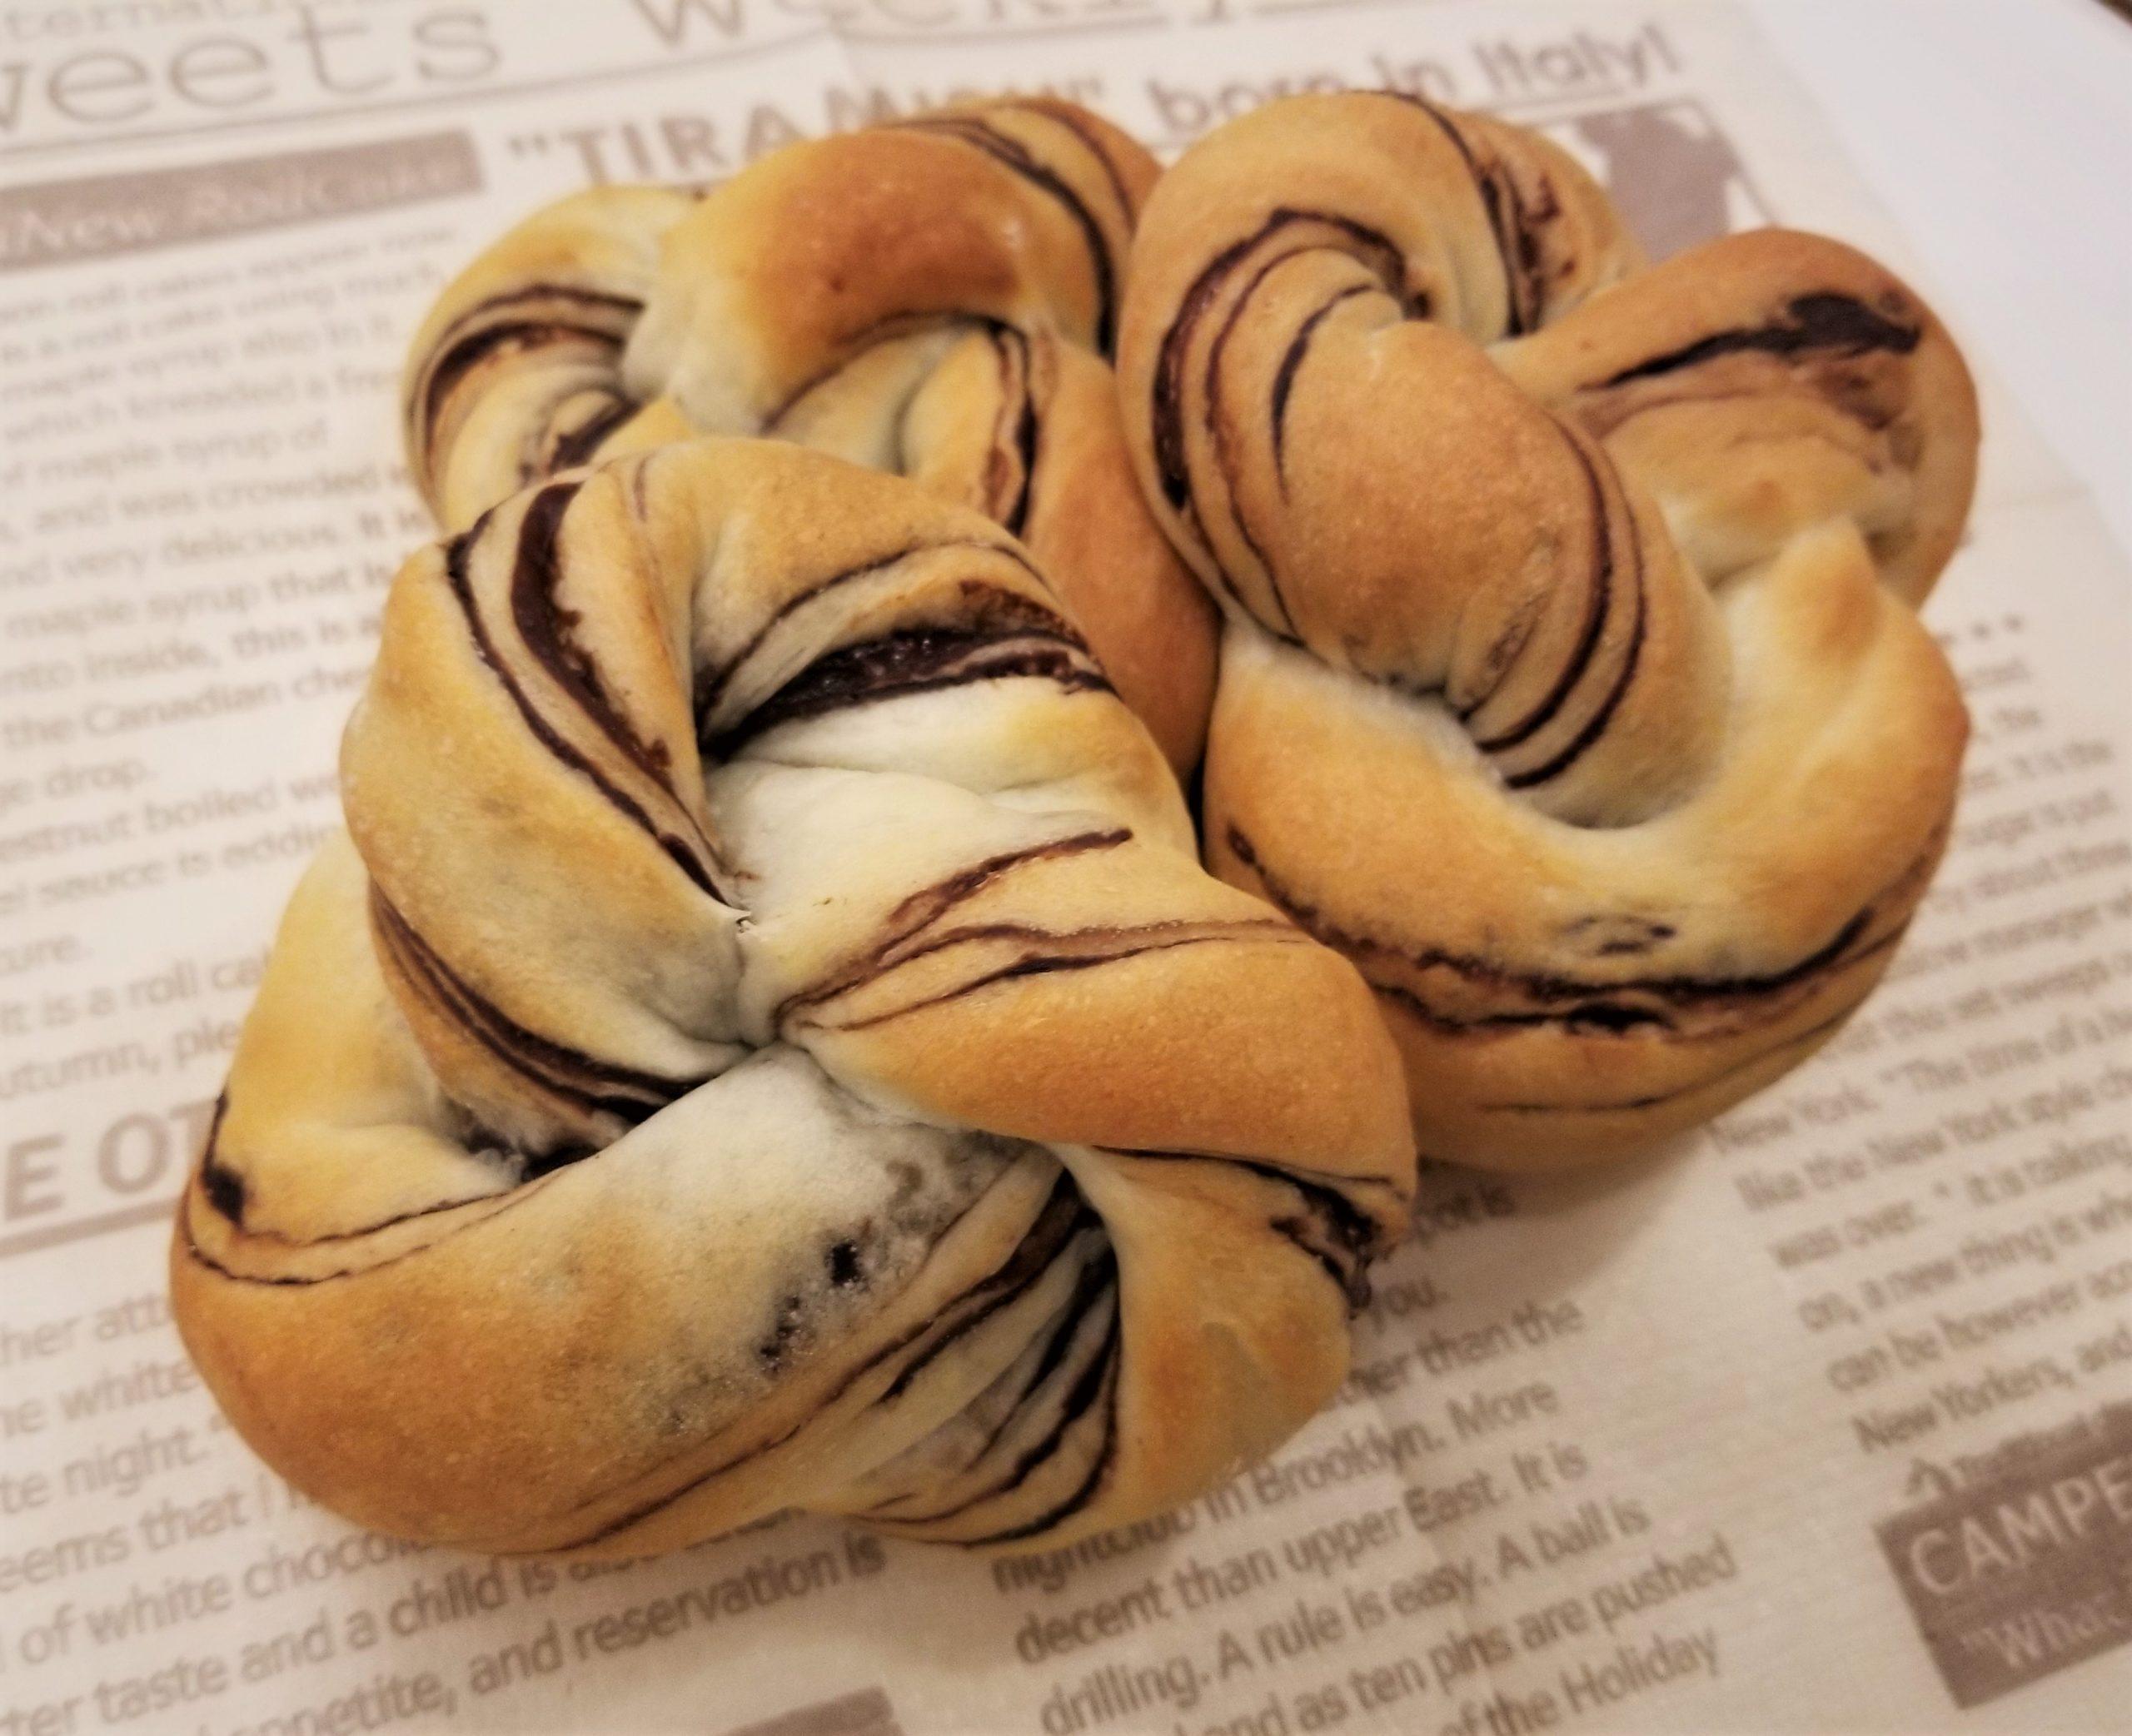 東文化会館 文化講座 ホームベーカリーを使ったパンレッスン 10月メニュー 渋皮マロンクノート